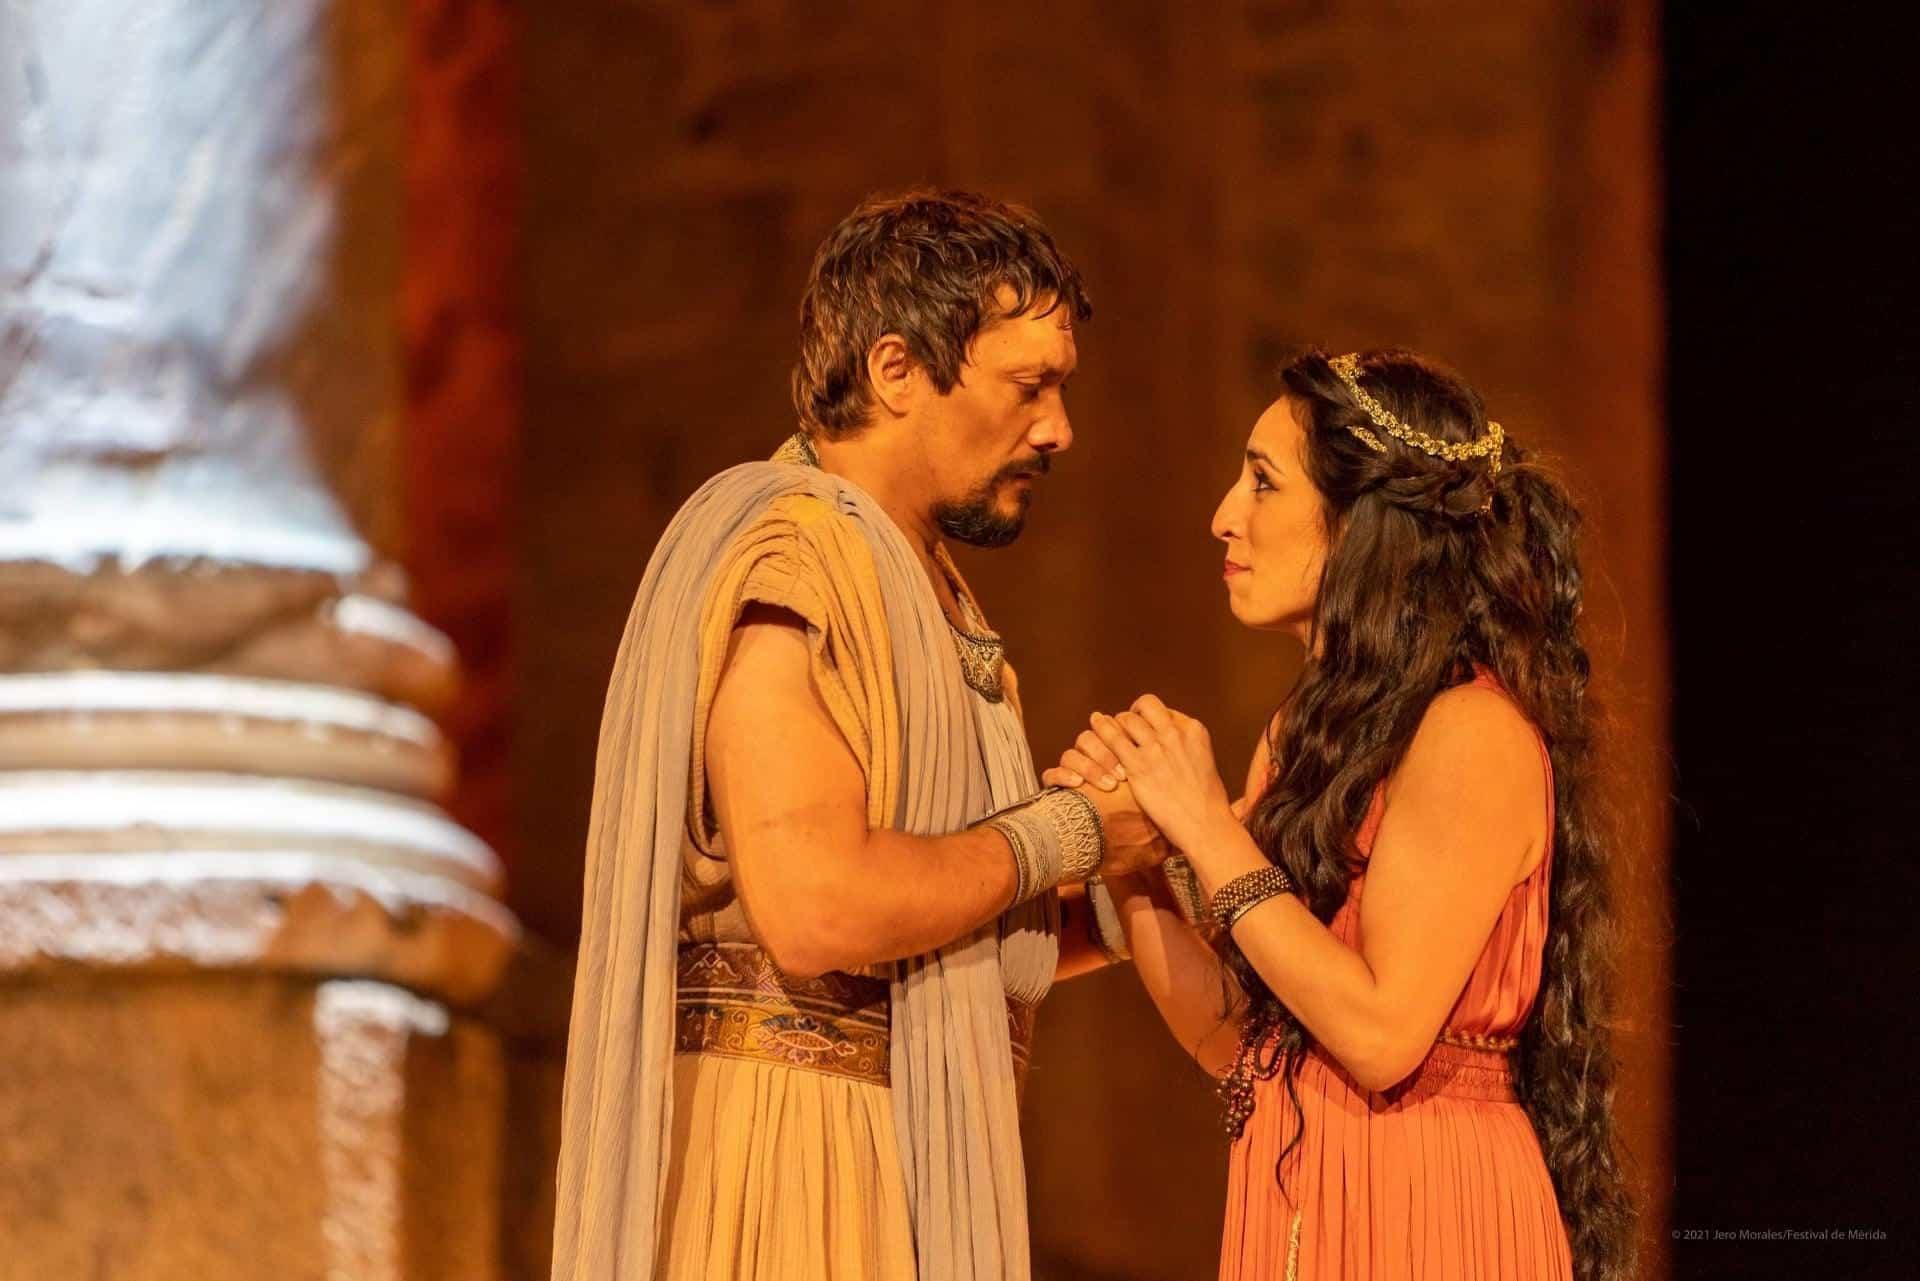 El vestuario de Rafael Garrigós, vuelve a brillar sobre el teatro romano de Mérida 31